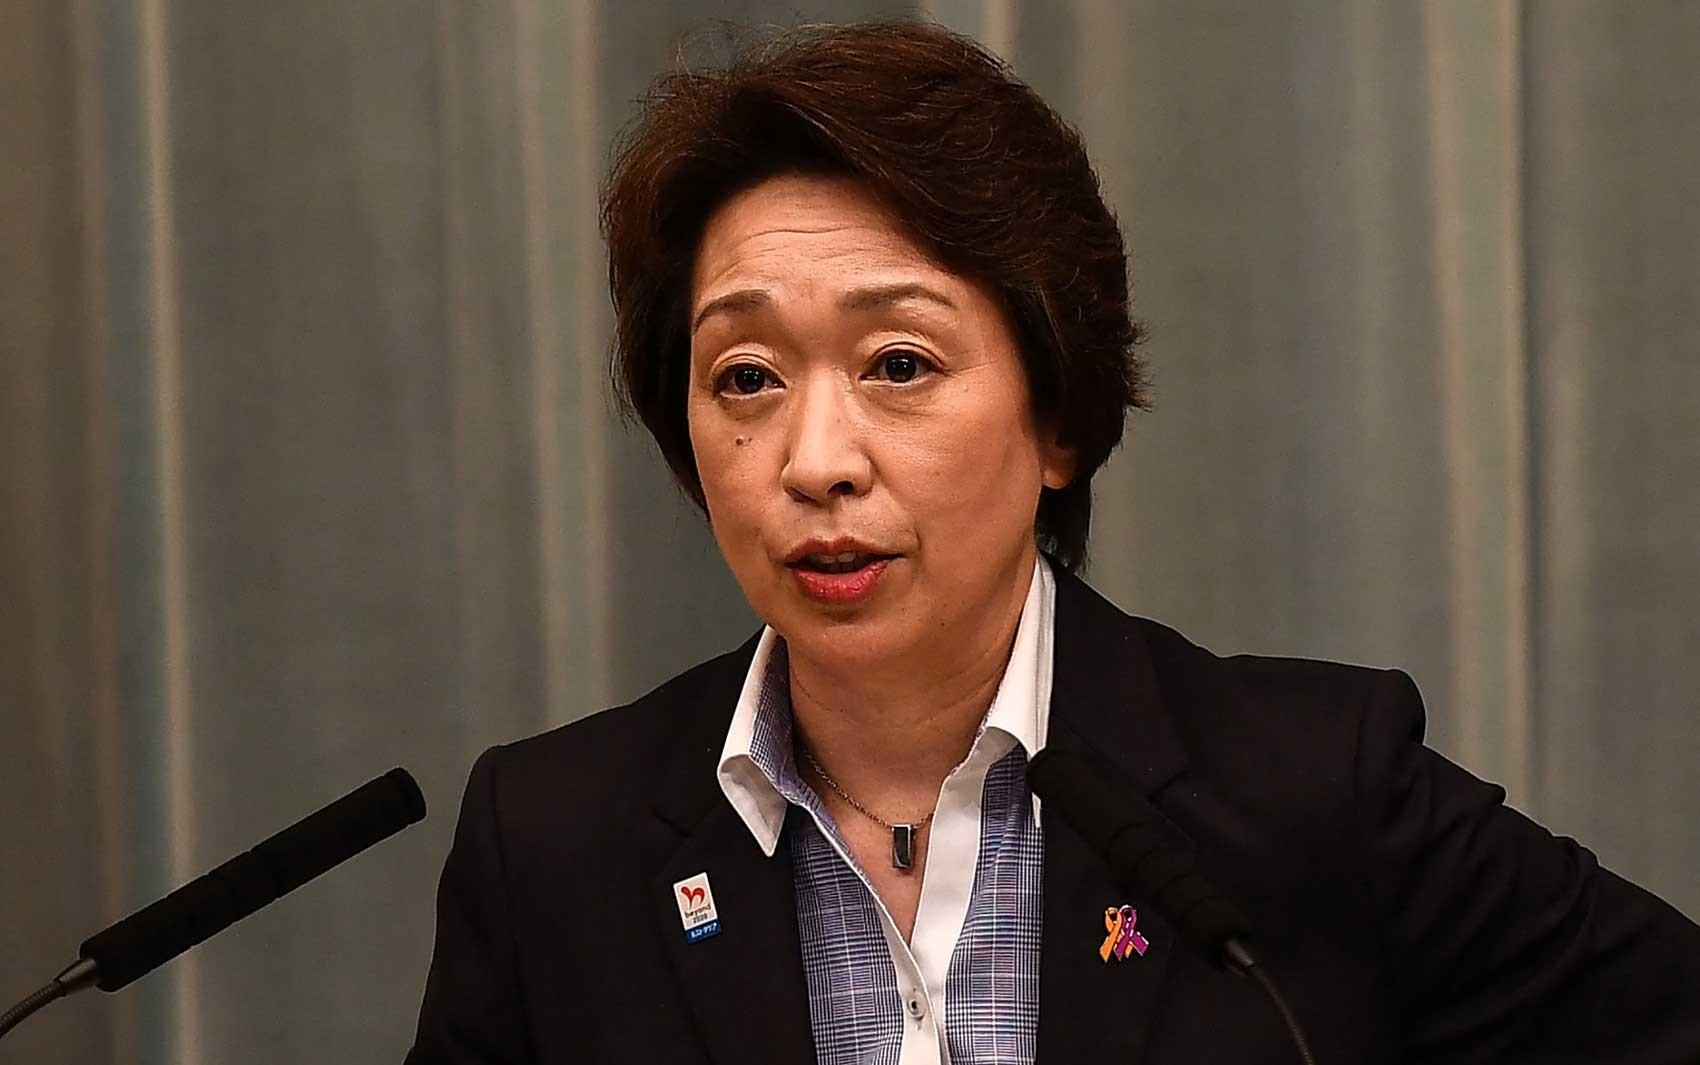 Presidente do comitê dos Jogos de Tóquio-2020 quer torcedores nas arquibancadas